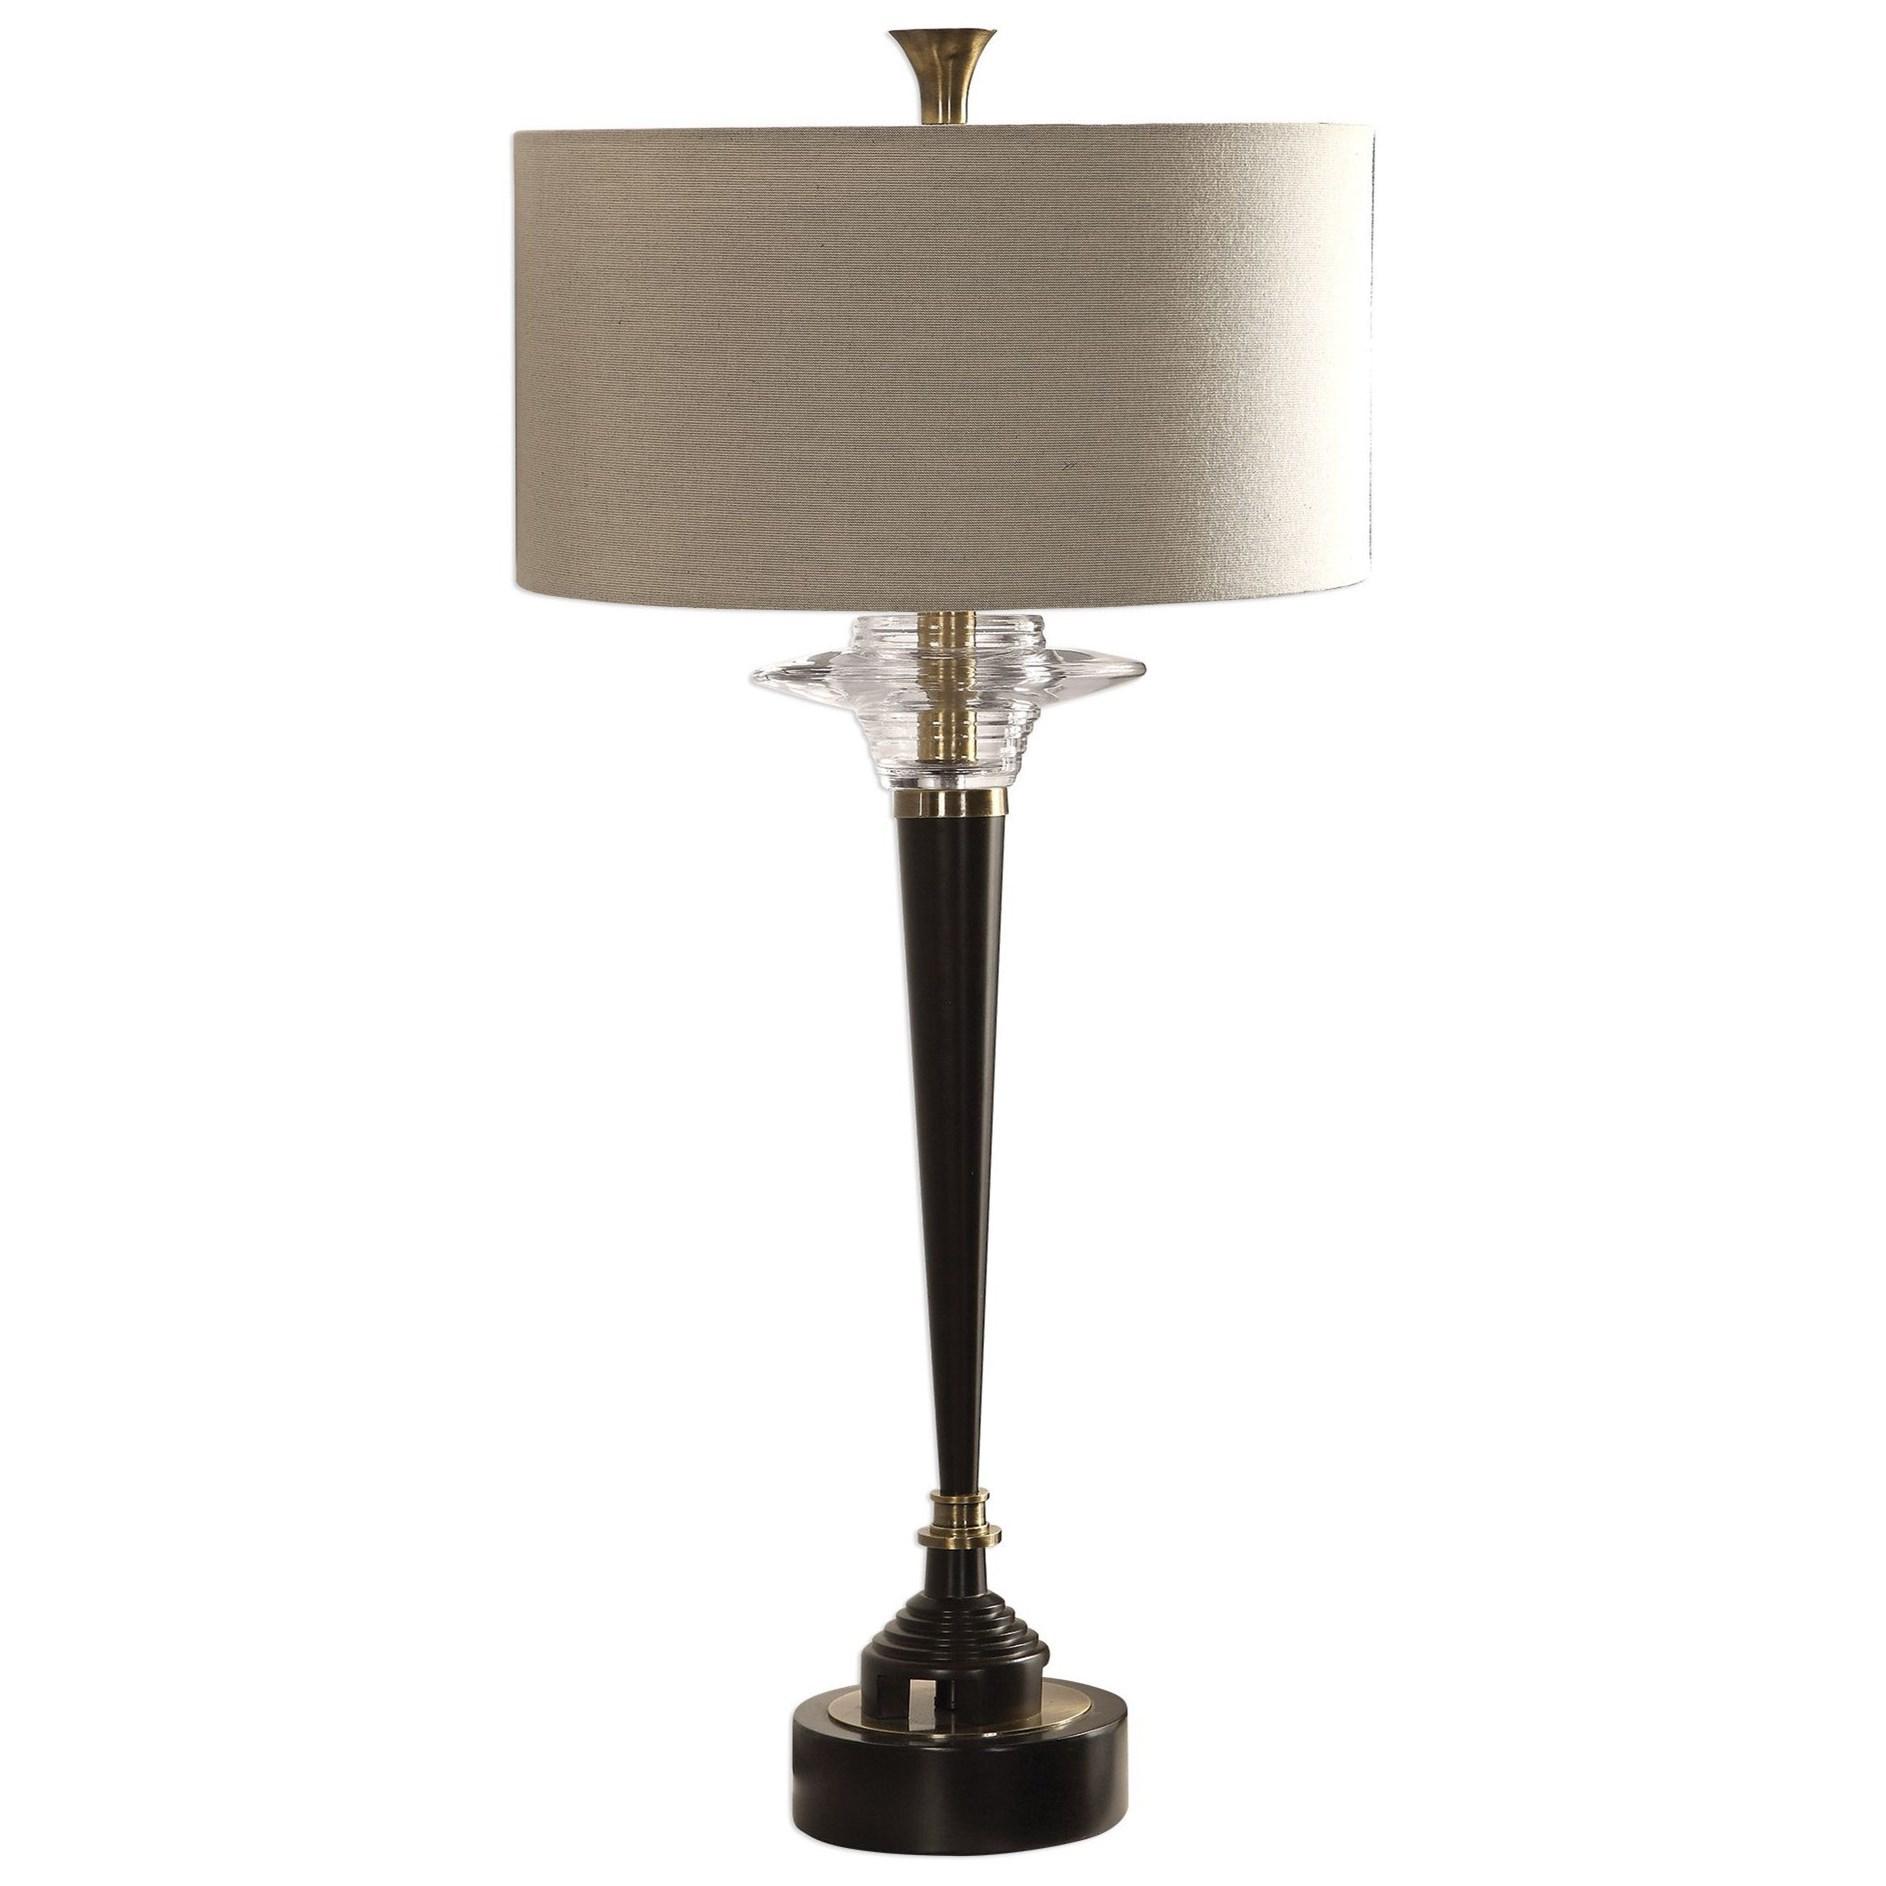 Berton Aged Black Lamp